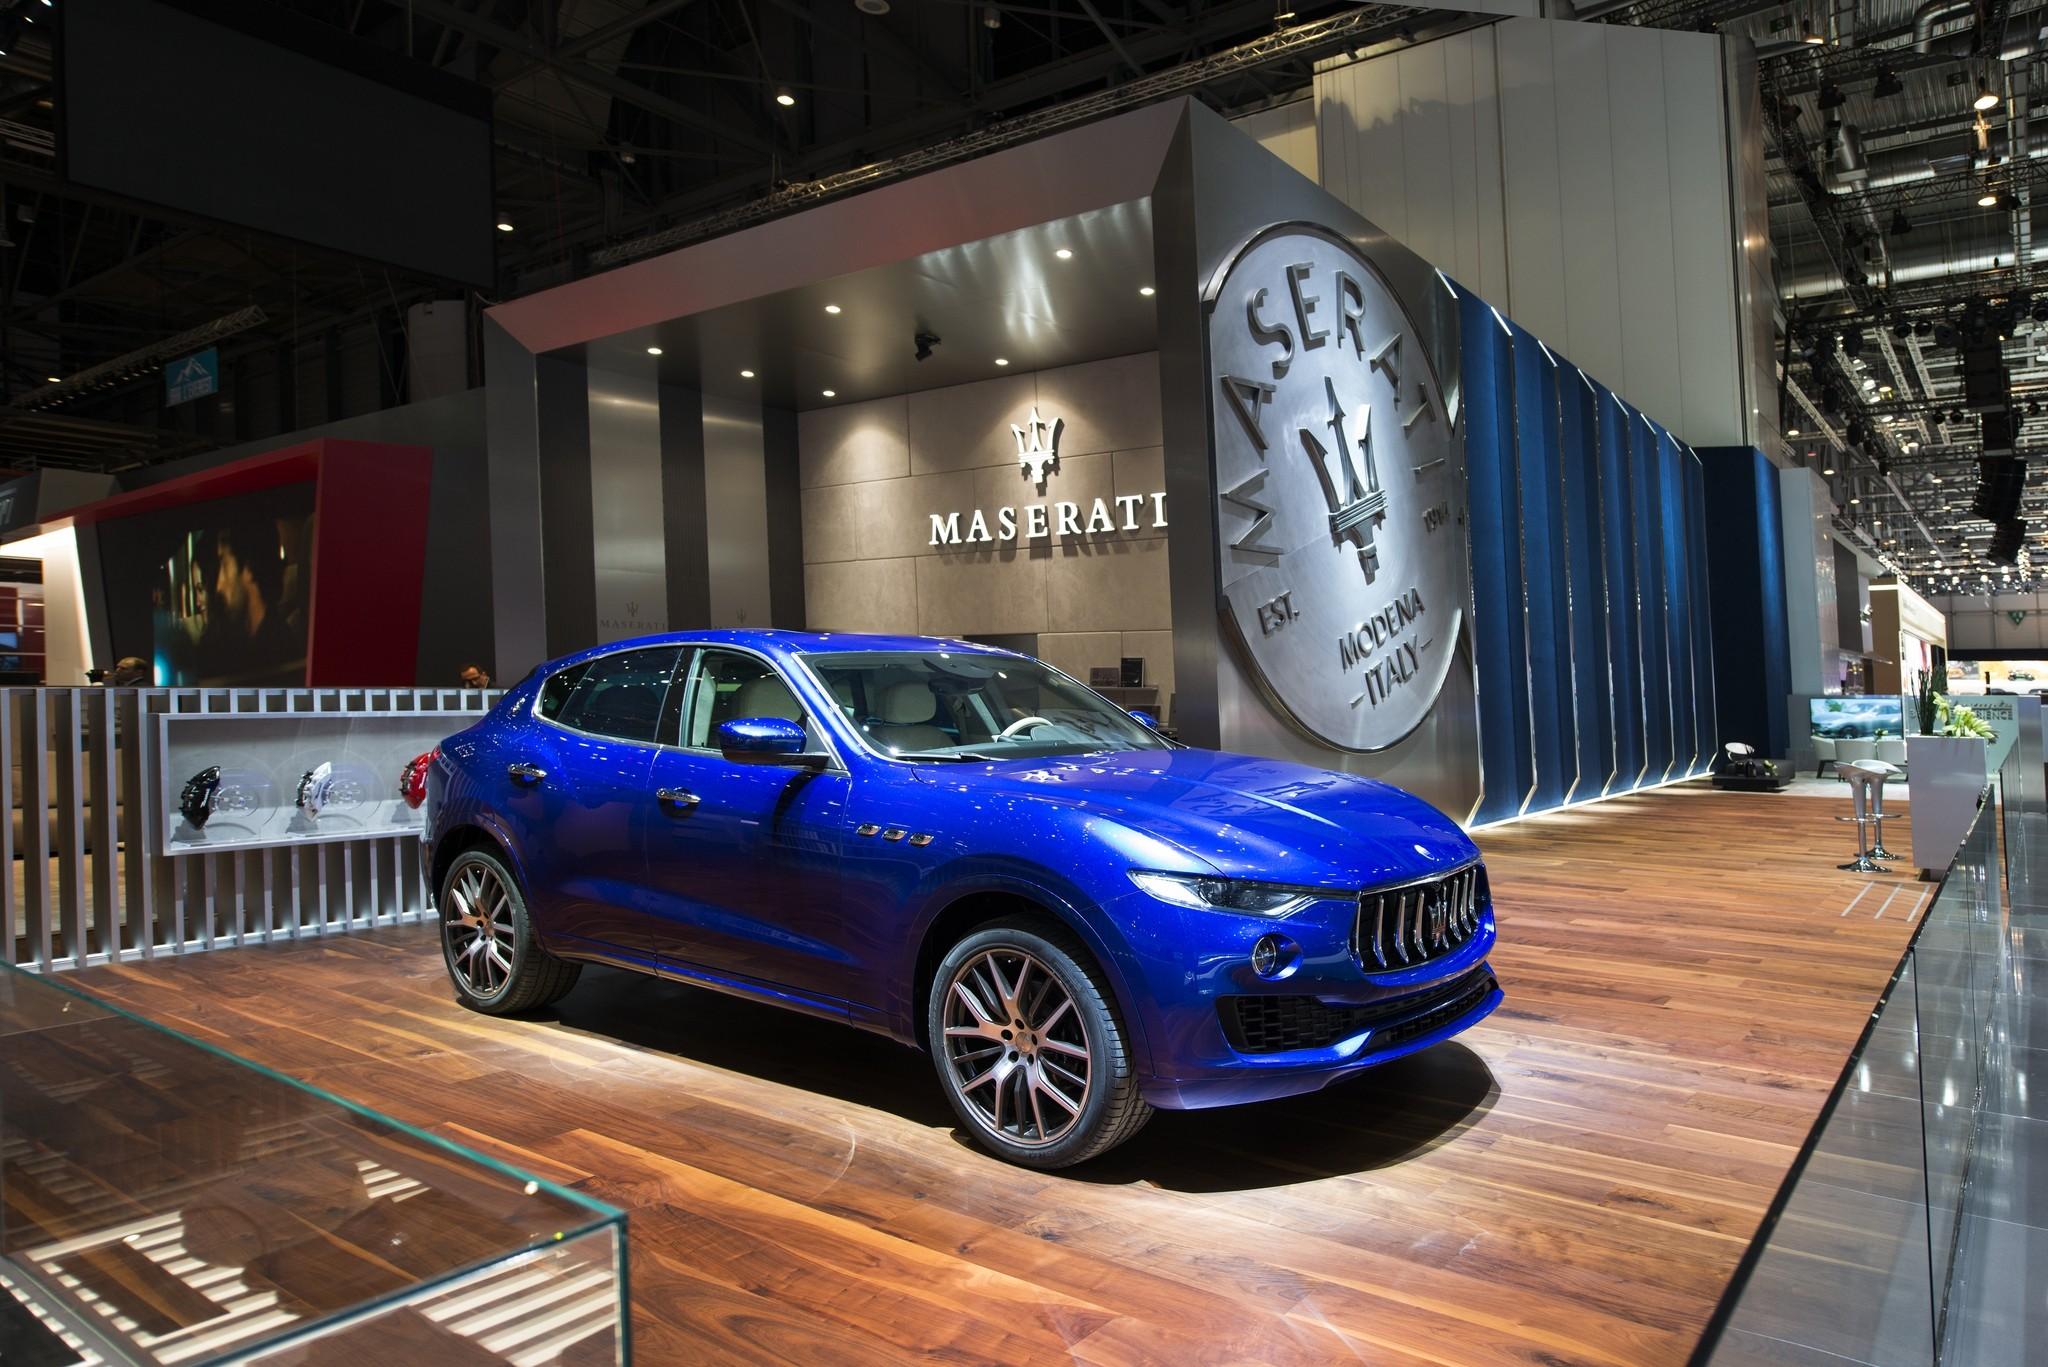 <p><span>Maserati Levante Ermenegildo Zegna. Фото: &copy; Maserati</span></p>